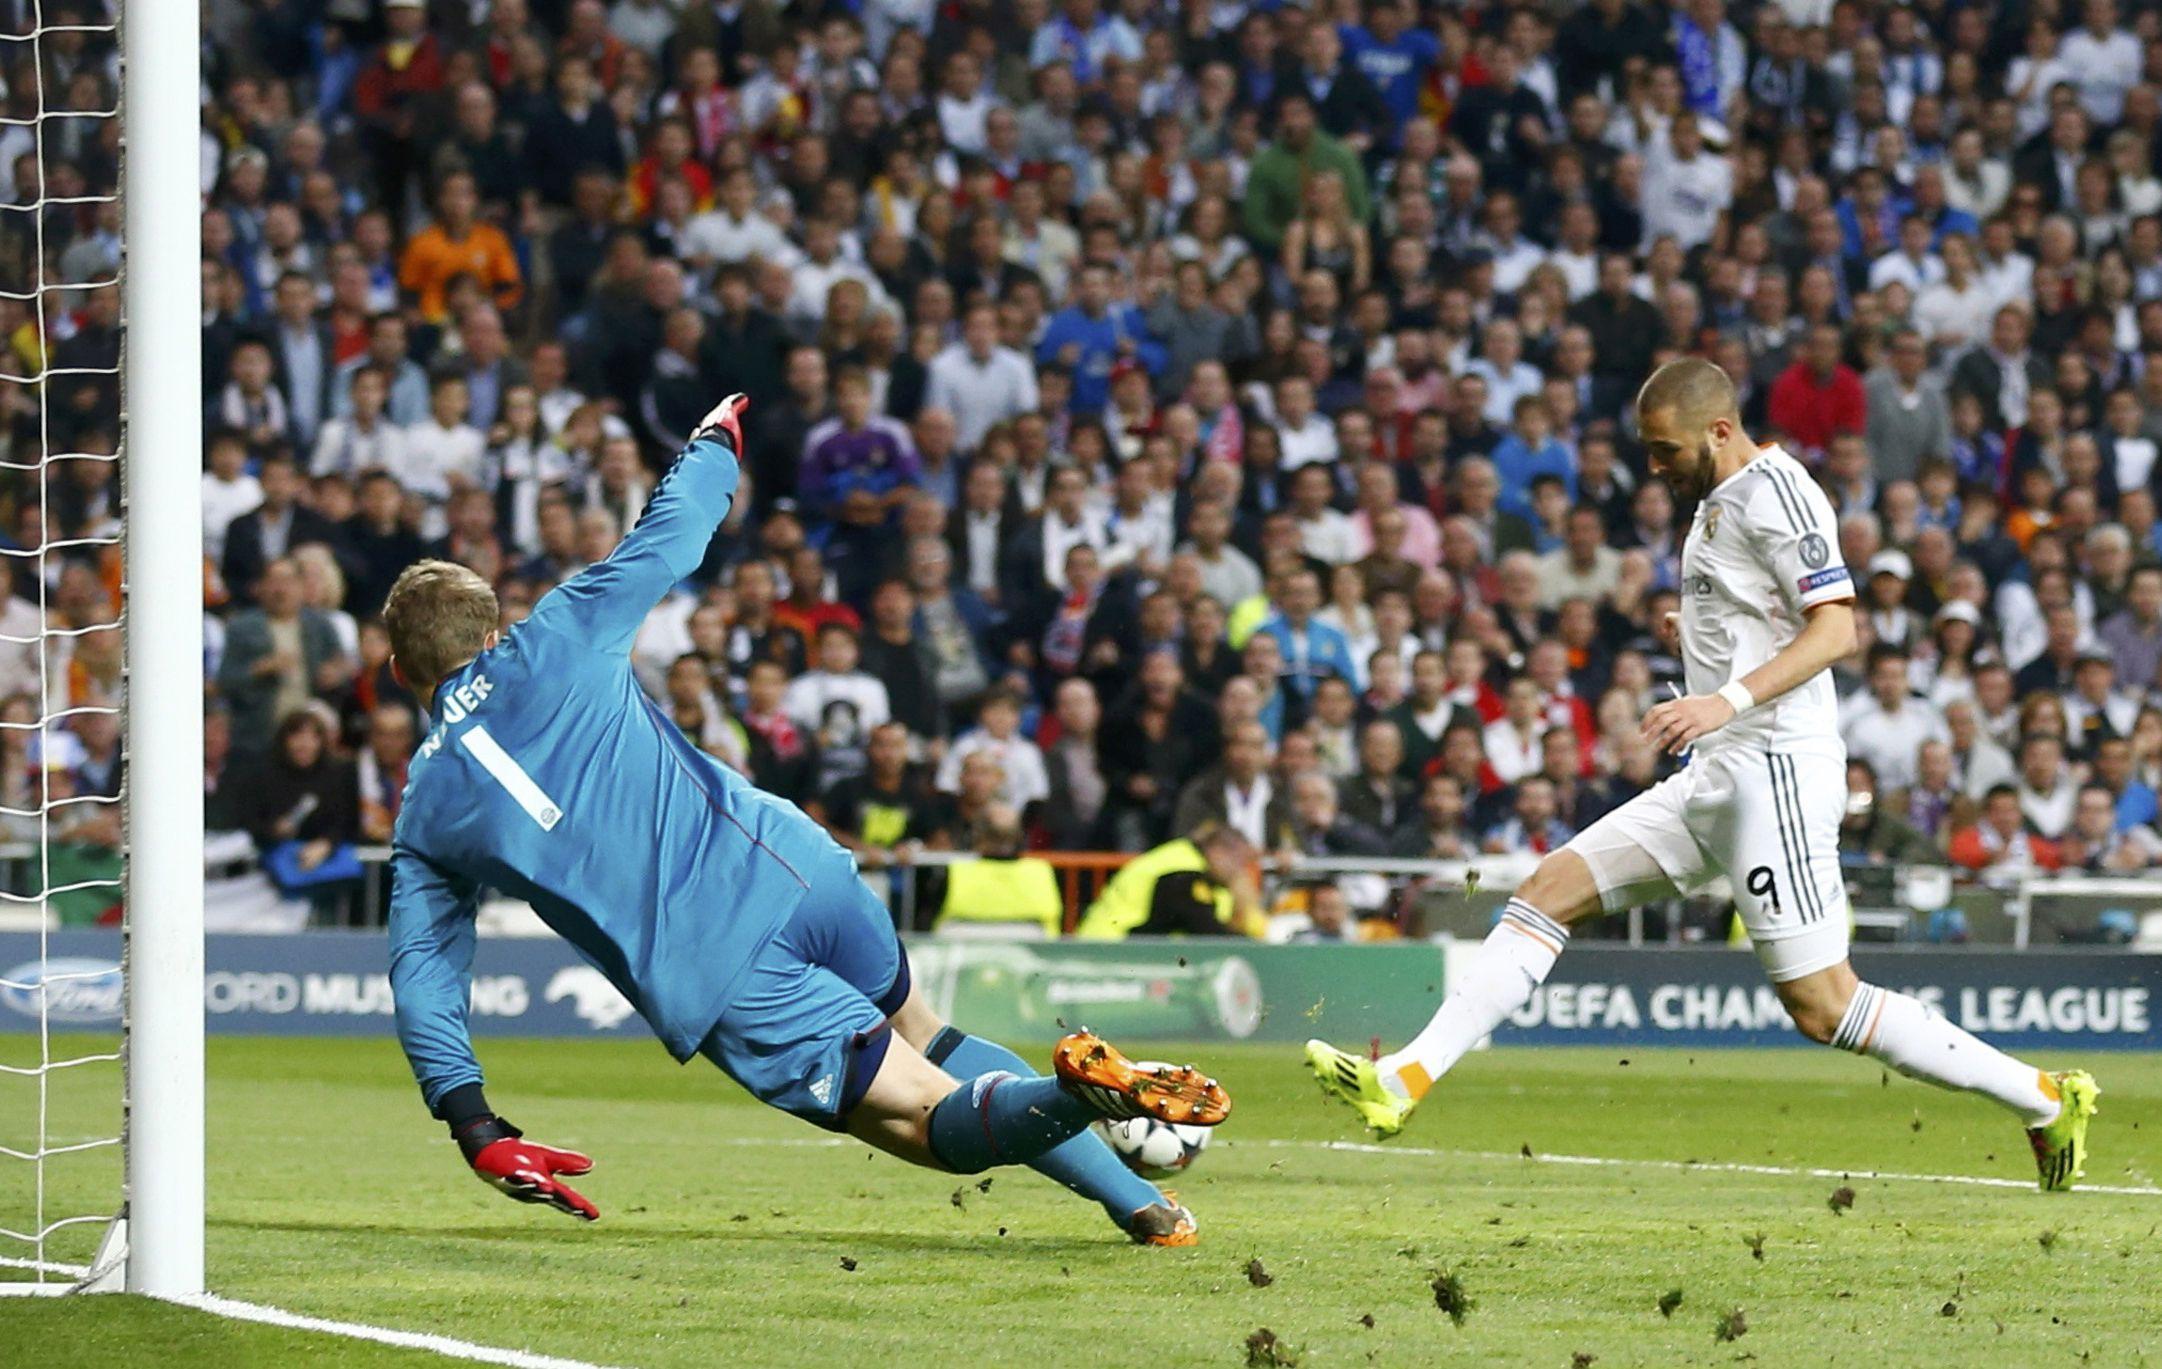 Karim Benzema empuja el balón y marca el primer gol de Real Madrid ante Bayern Munich.